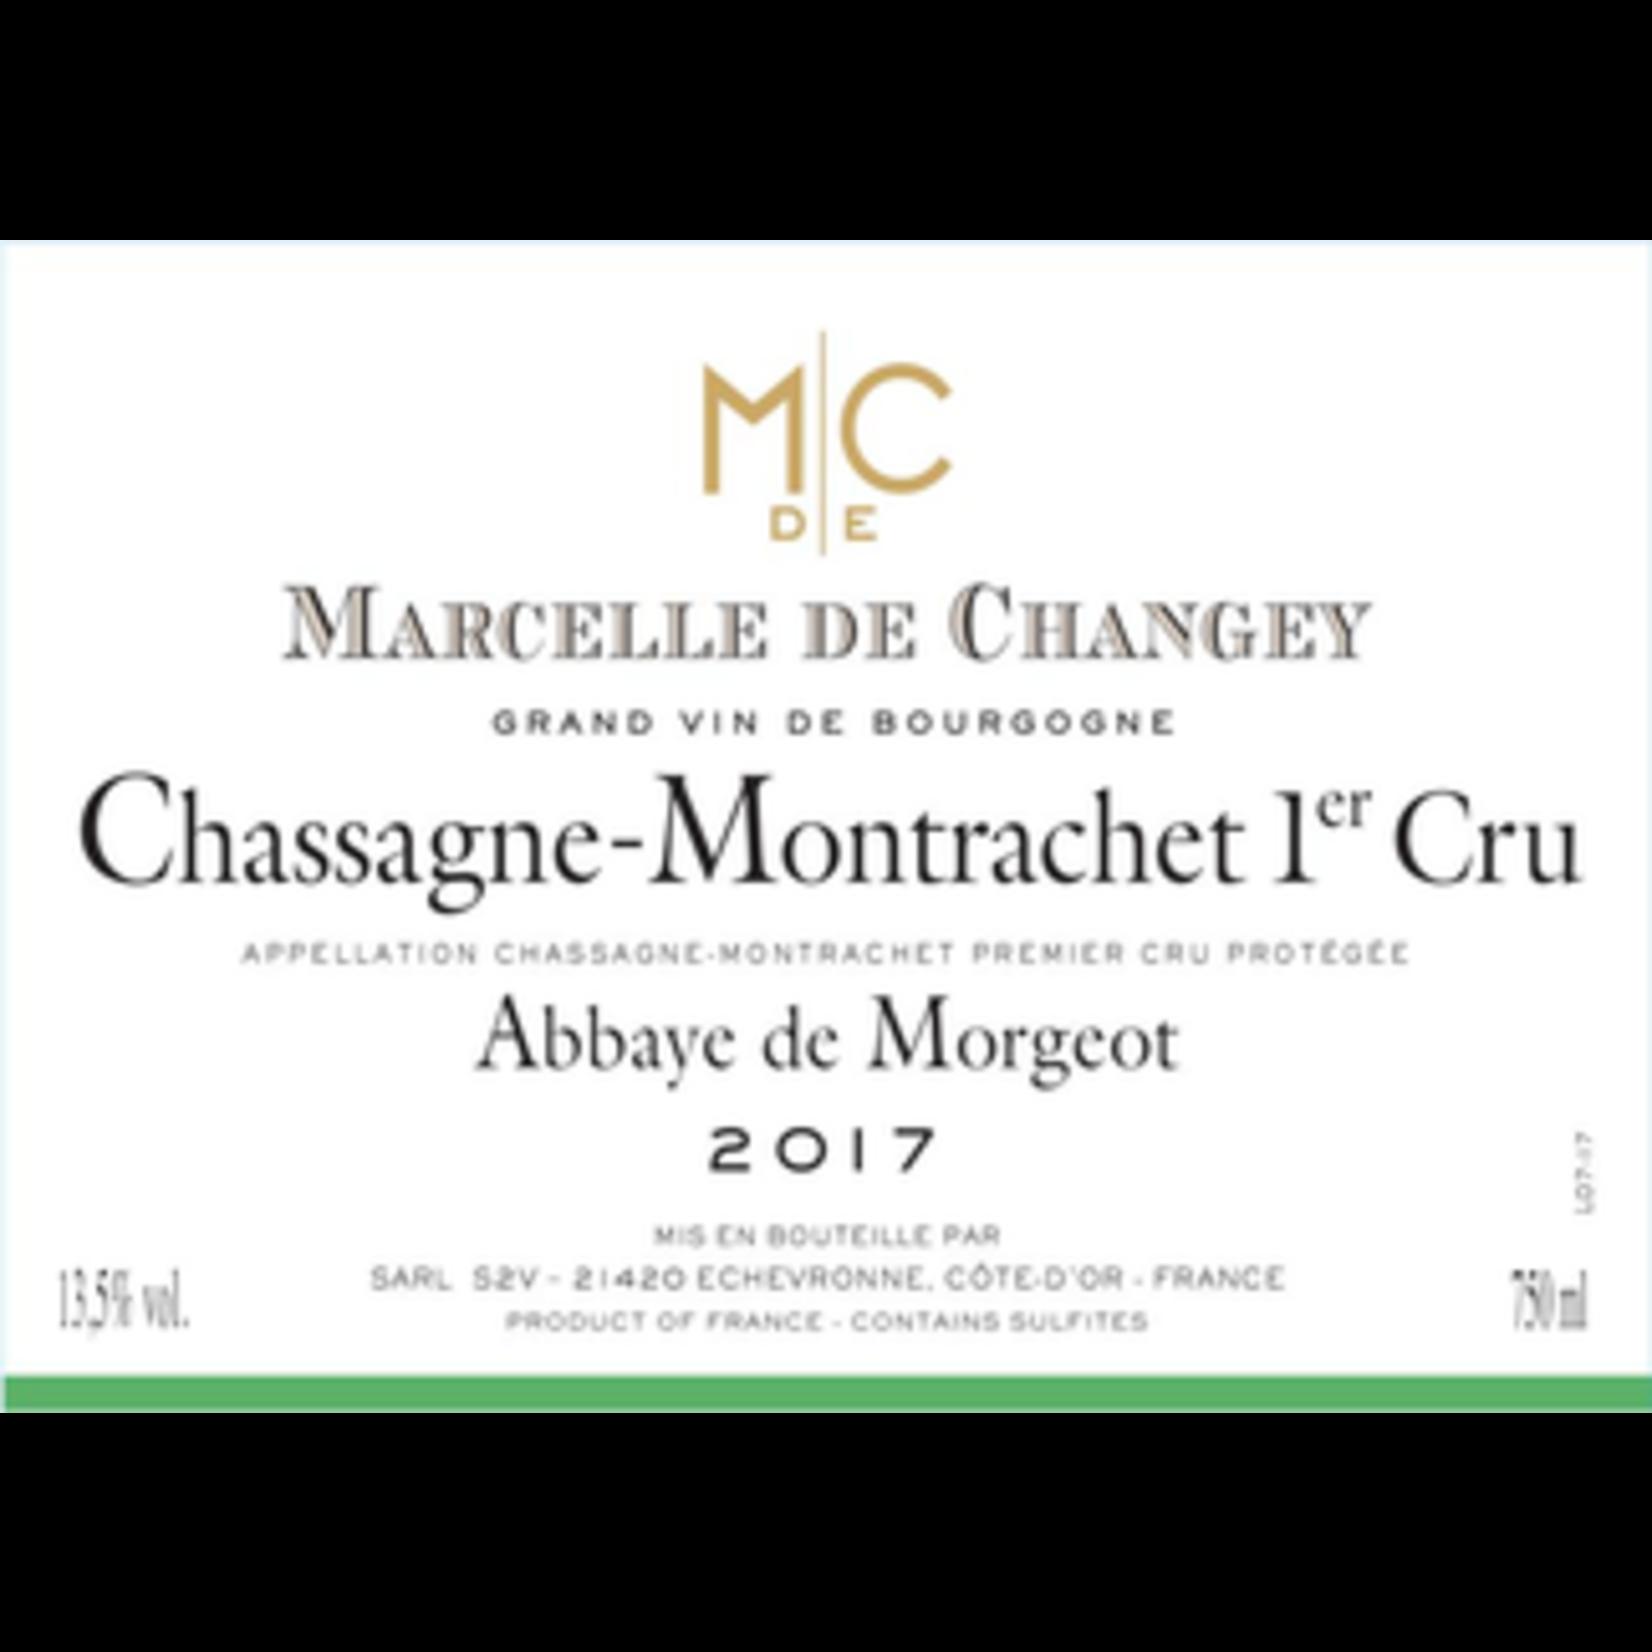 Wine Marcelle de Changey Chassagne Montrachet Premier Cru Abbaye de Morgeot 2019